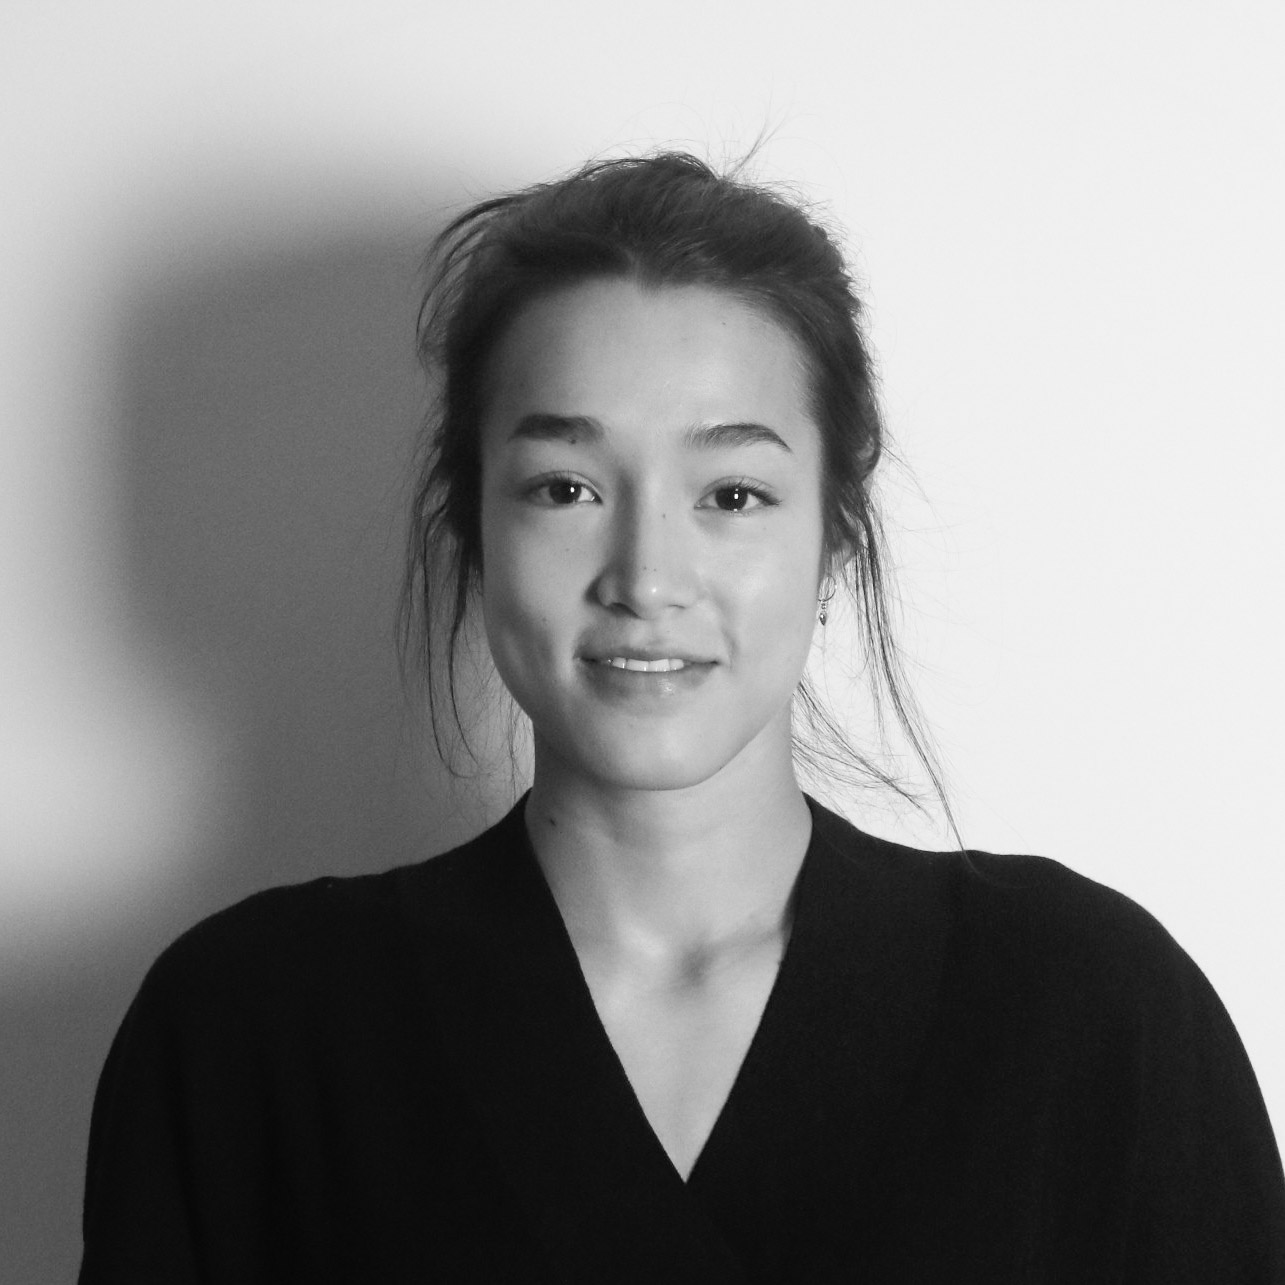 Zoe Horlacher - Head of Marketing